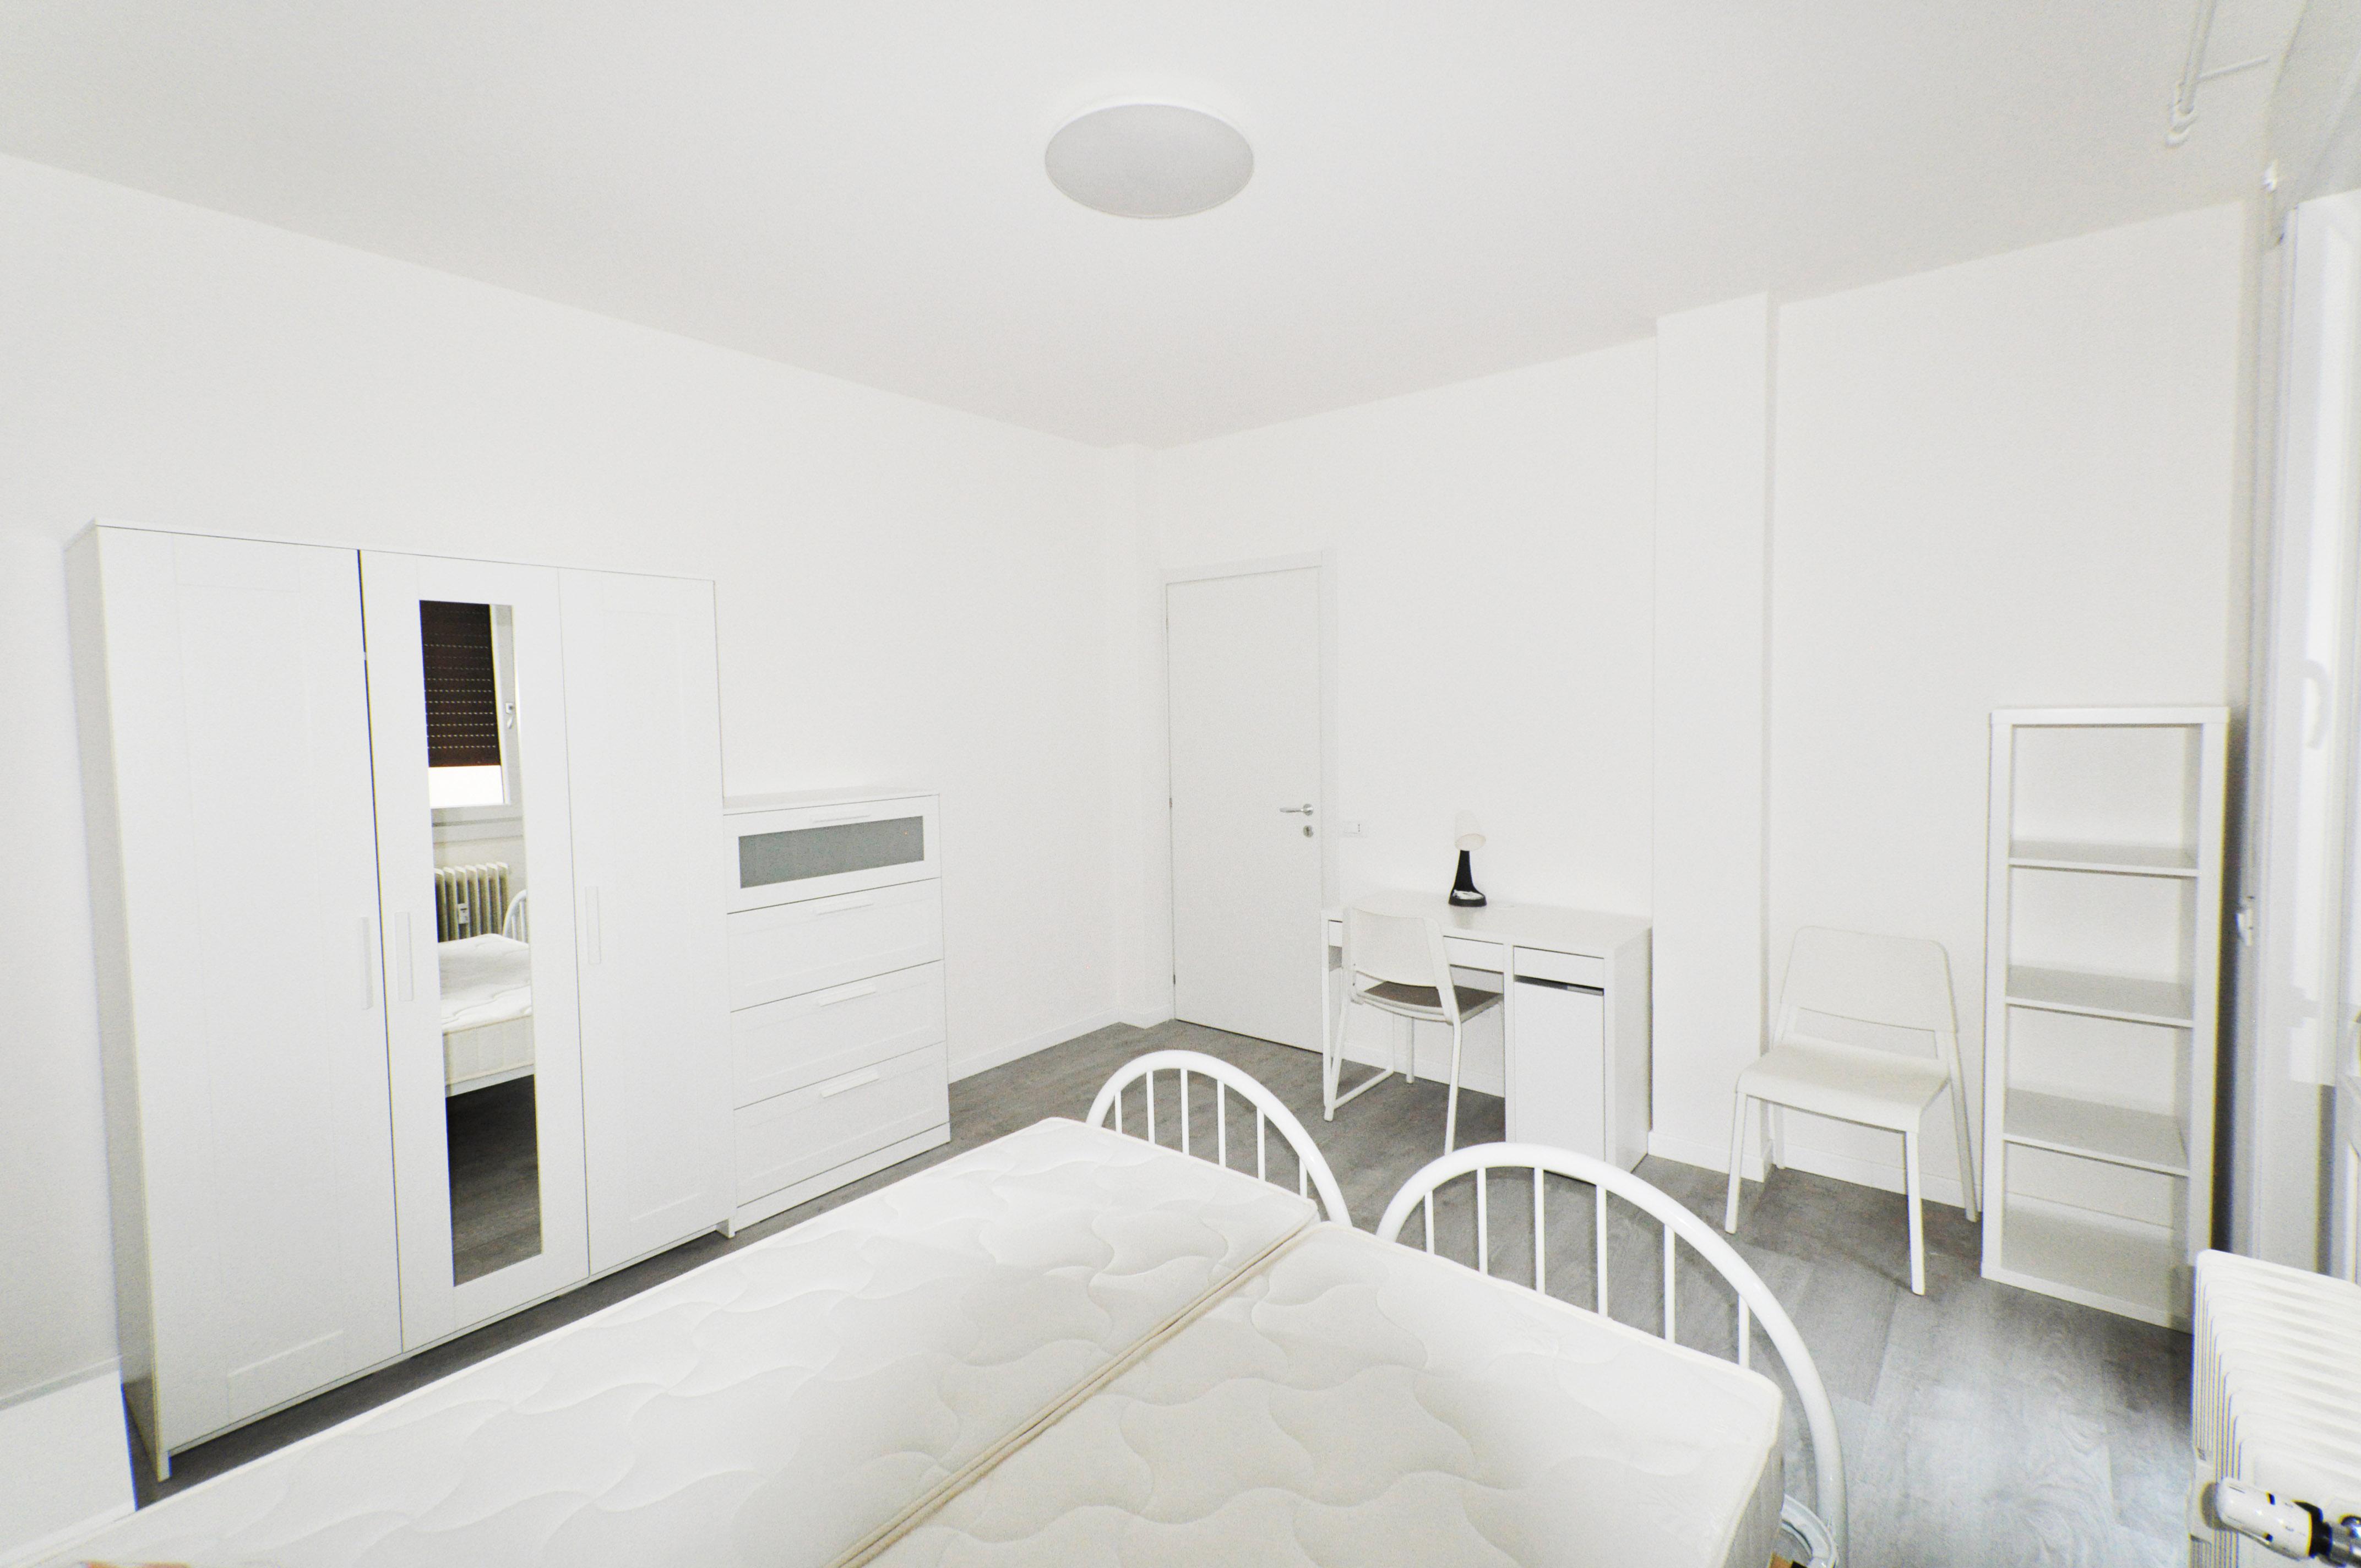 Camere in affitto-Treviso-Ospedale-Stazione-Studio-Architettura-Zanatta bertolini_08